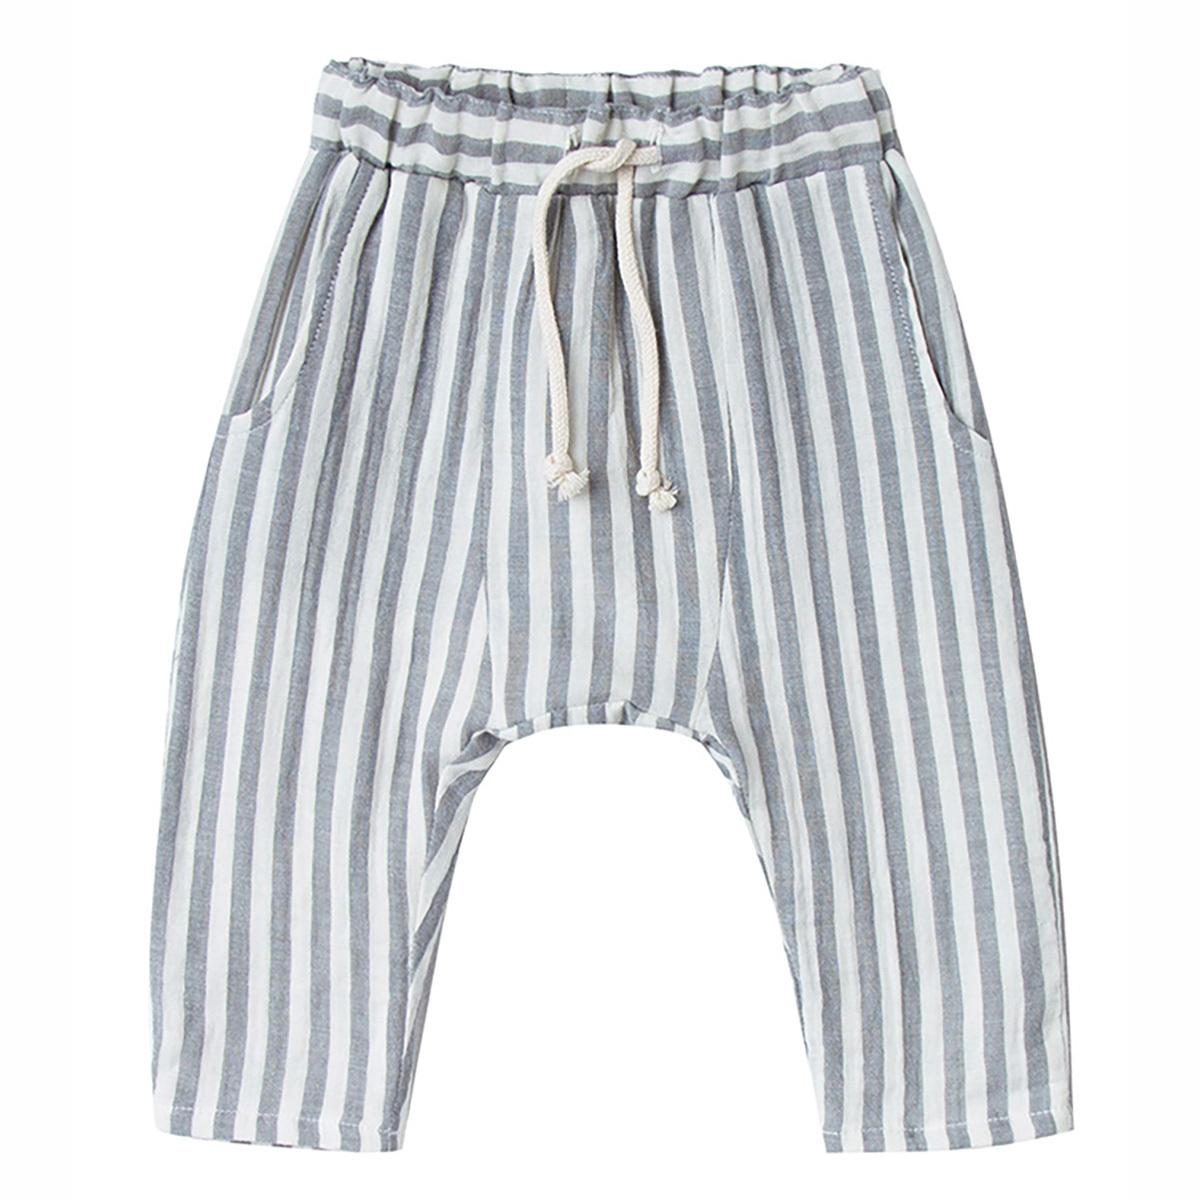 Bas bébé Pantalon à Rayures - Gris - 18/24 Mois Pantalon à Rayures - Gris - 18/24 Mois